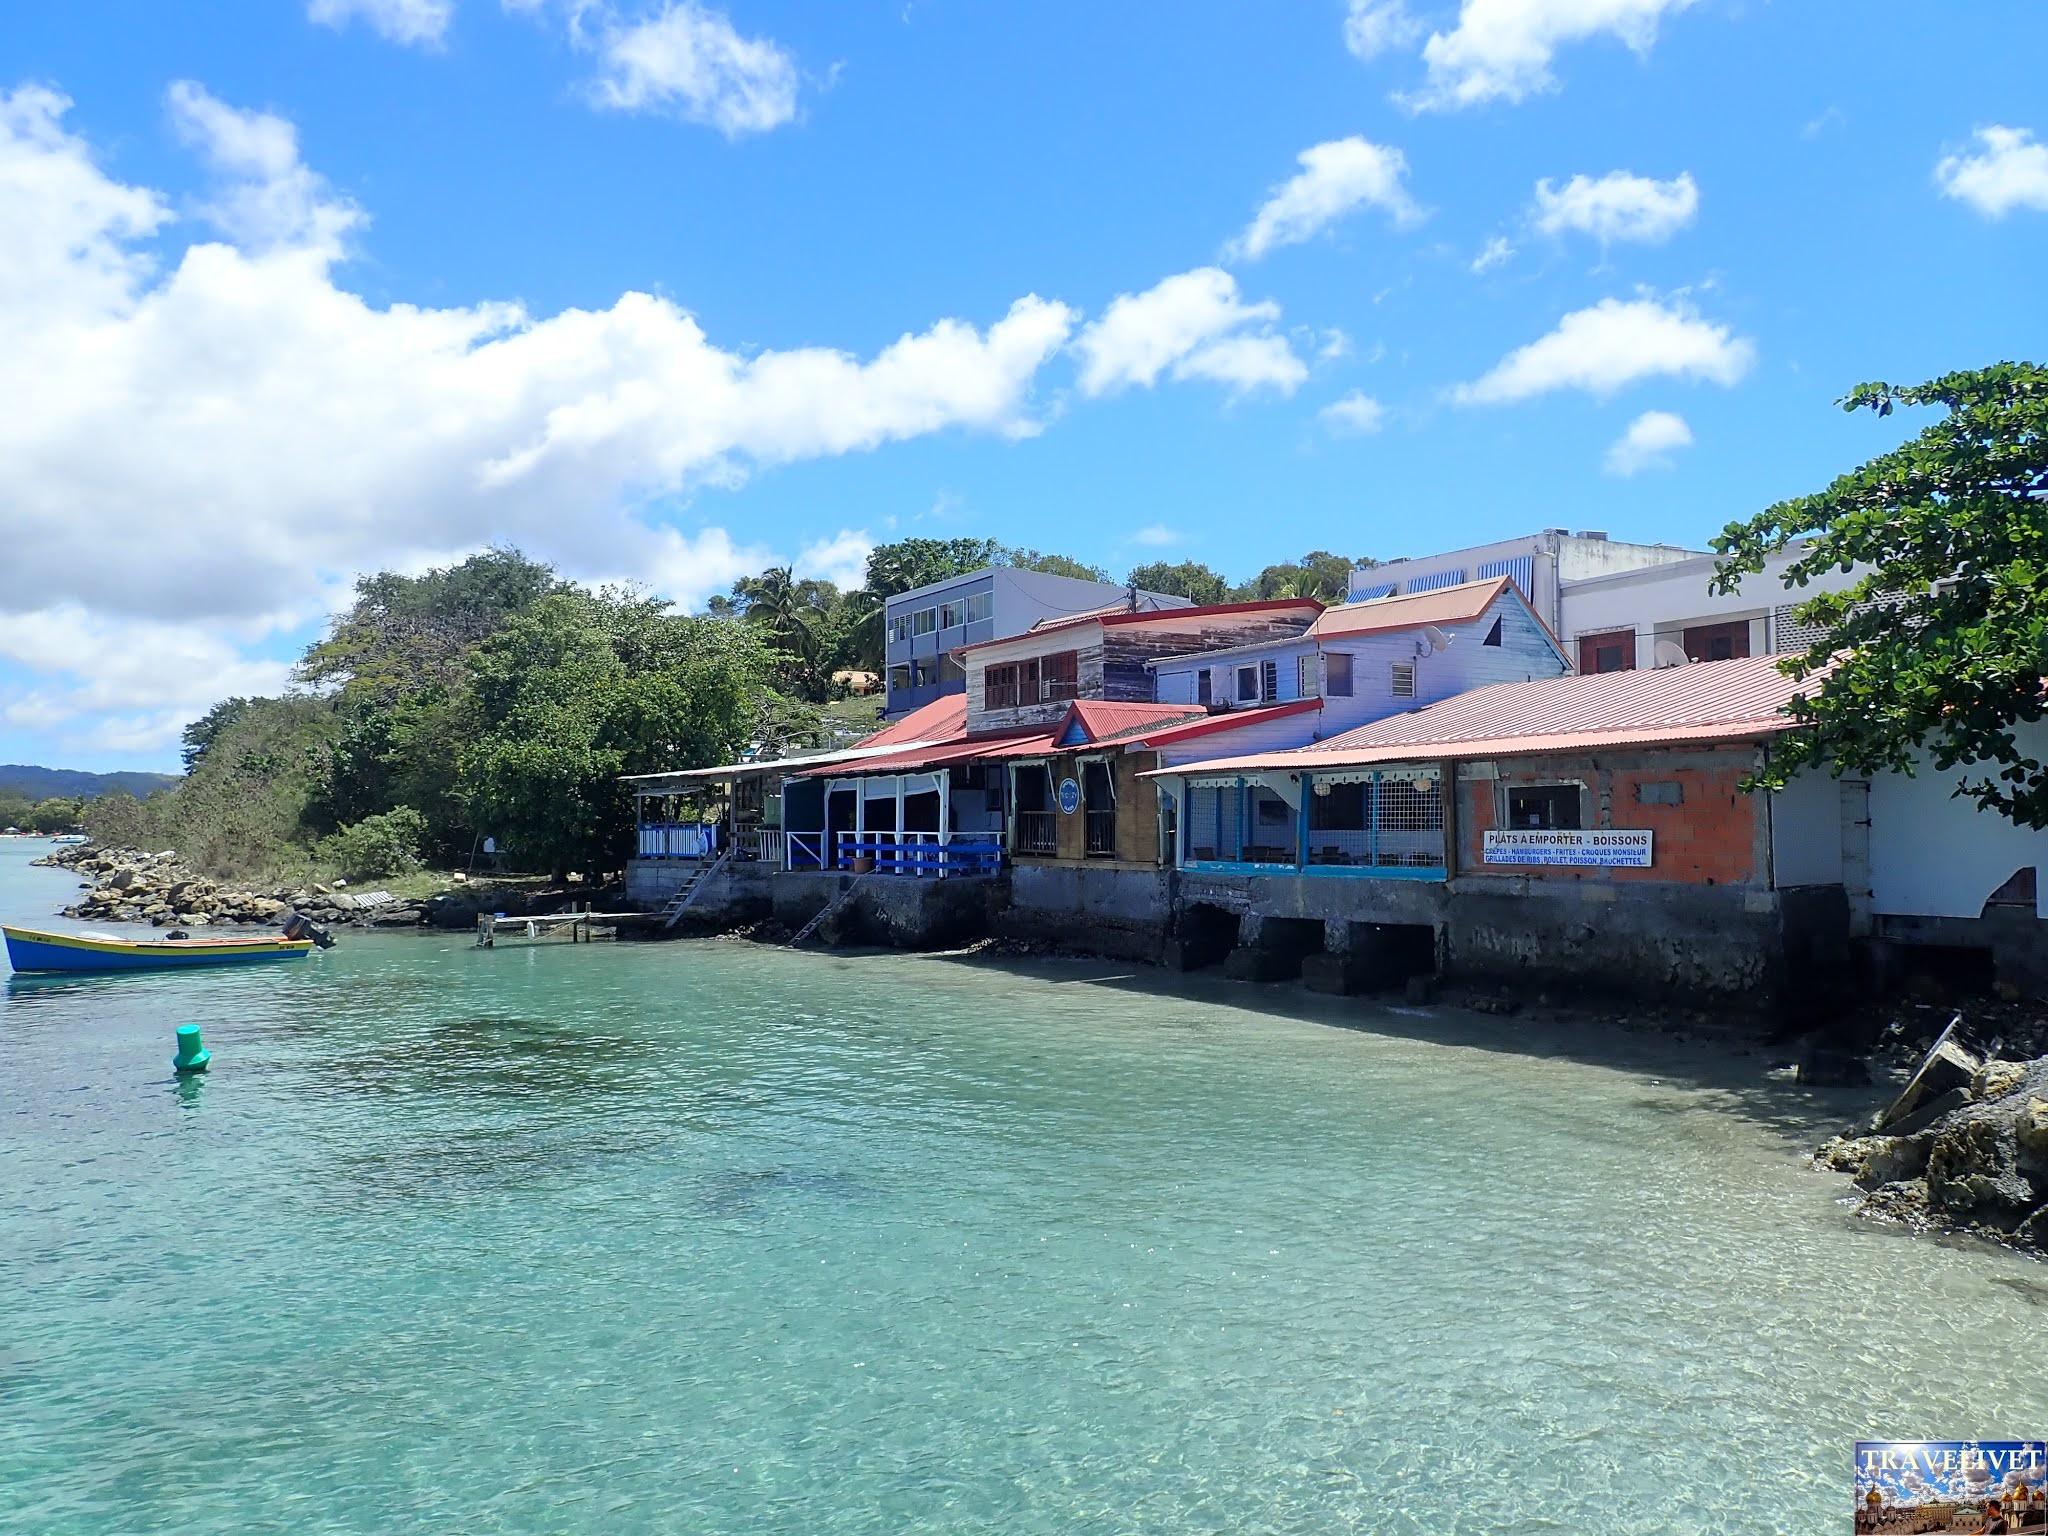 Une semaine ou 10 jours pour visiter la Martinique en voiture